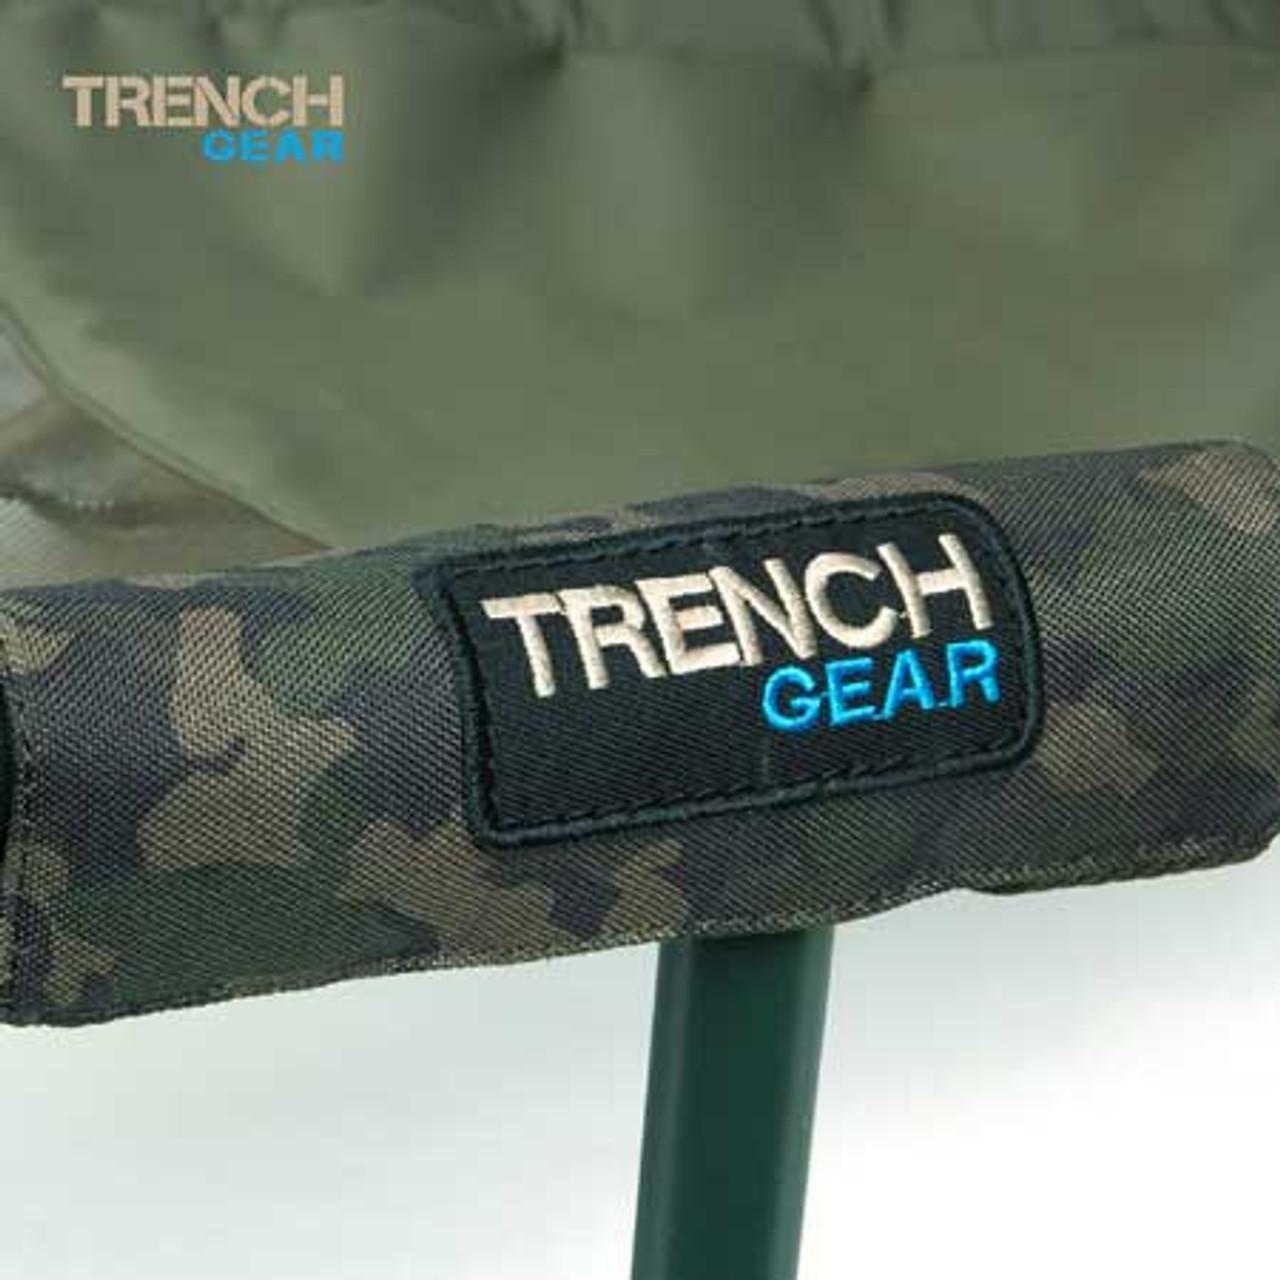 Shimano Trench Gear Euro Cradle